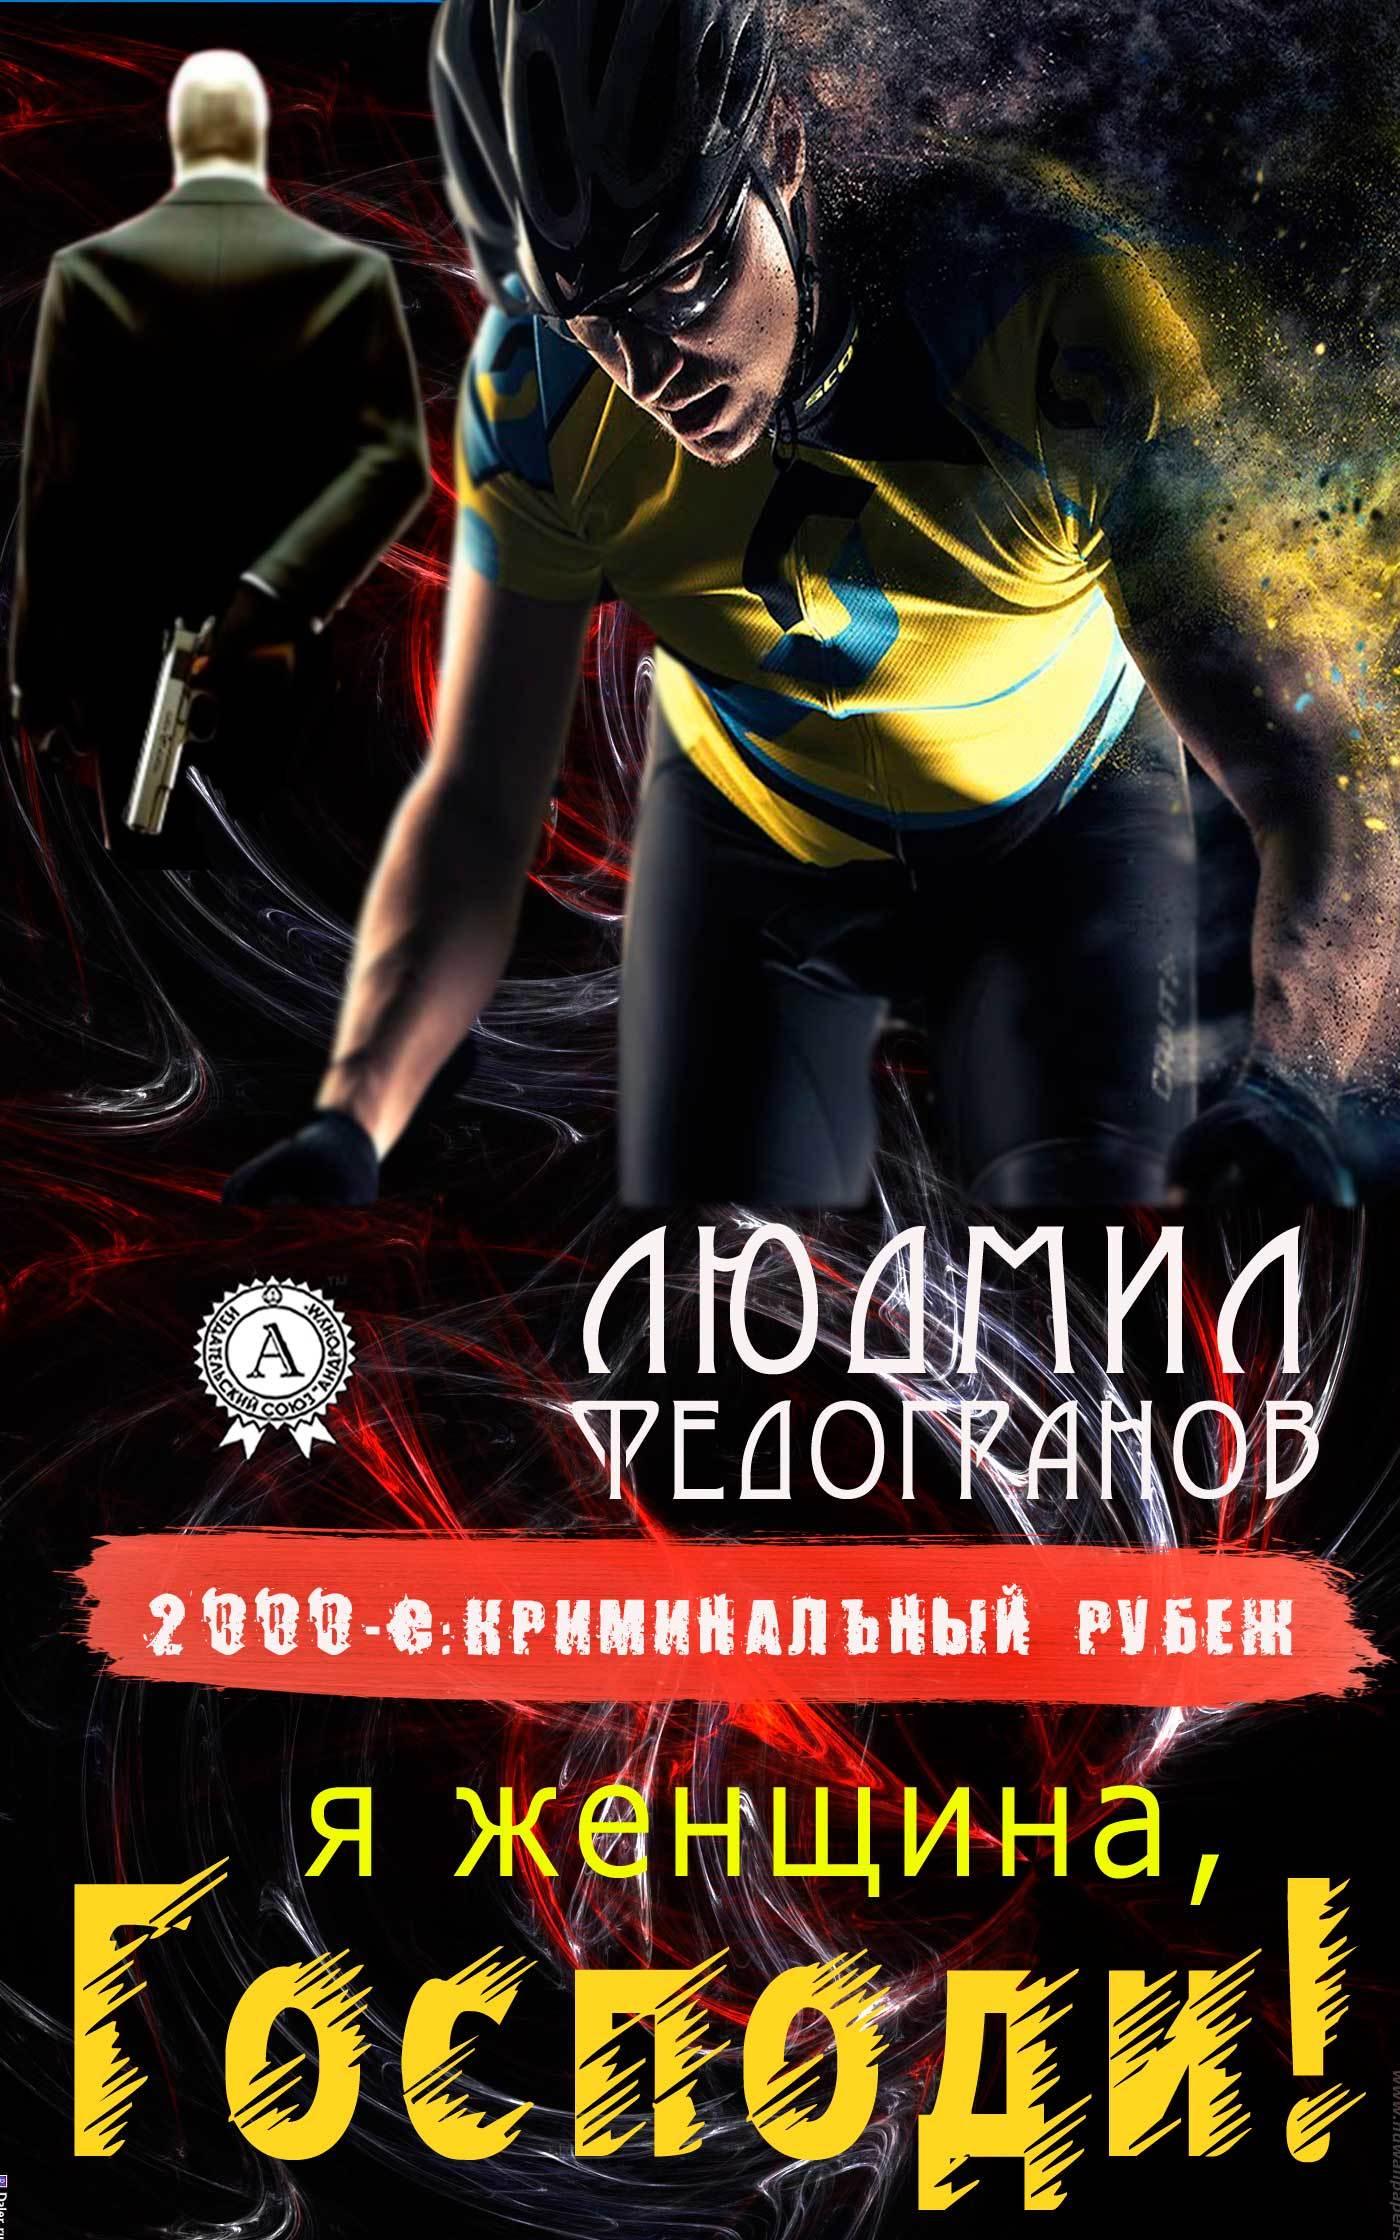 интригующее повествование в книге Людмил Федогранов